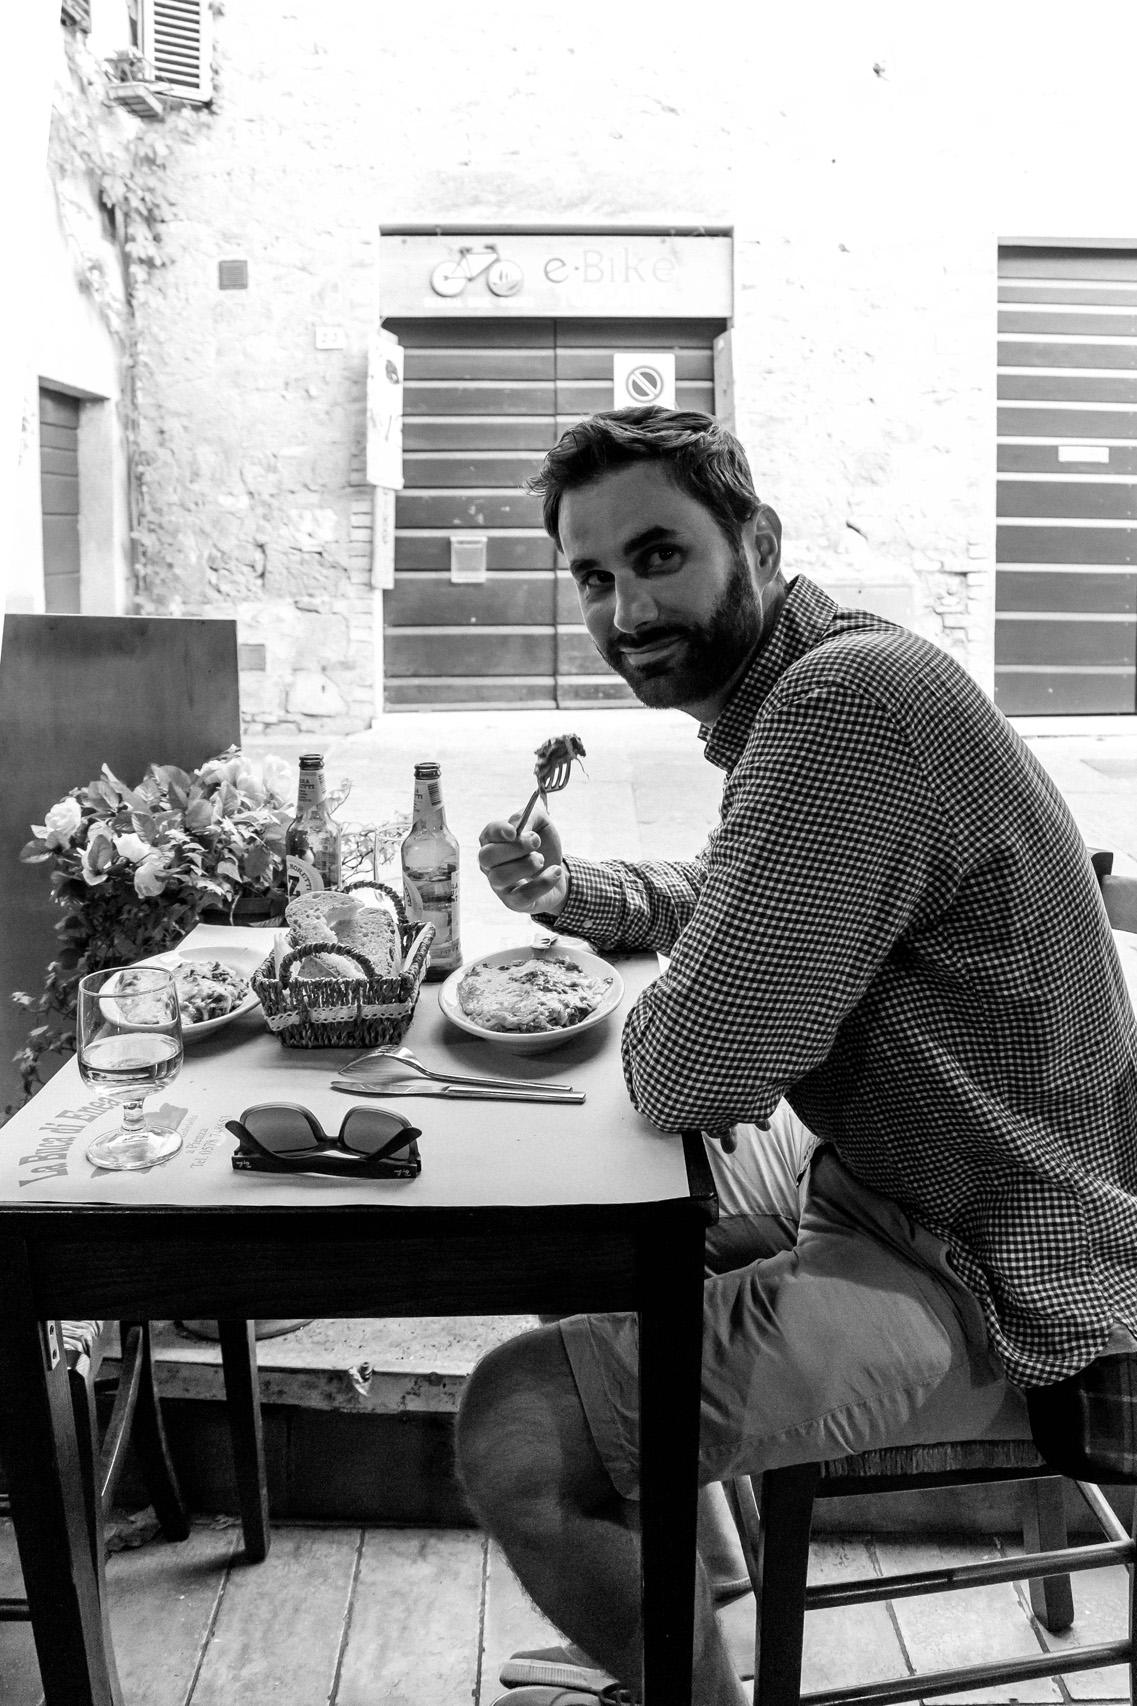 Lunch in Pienza